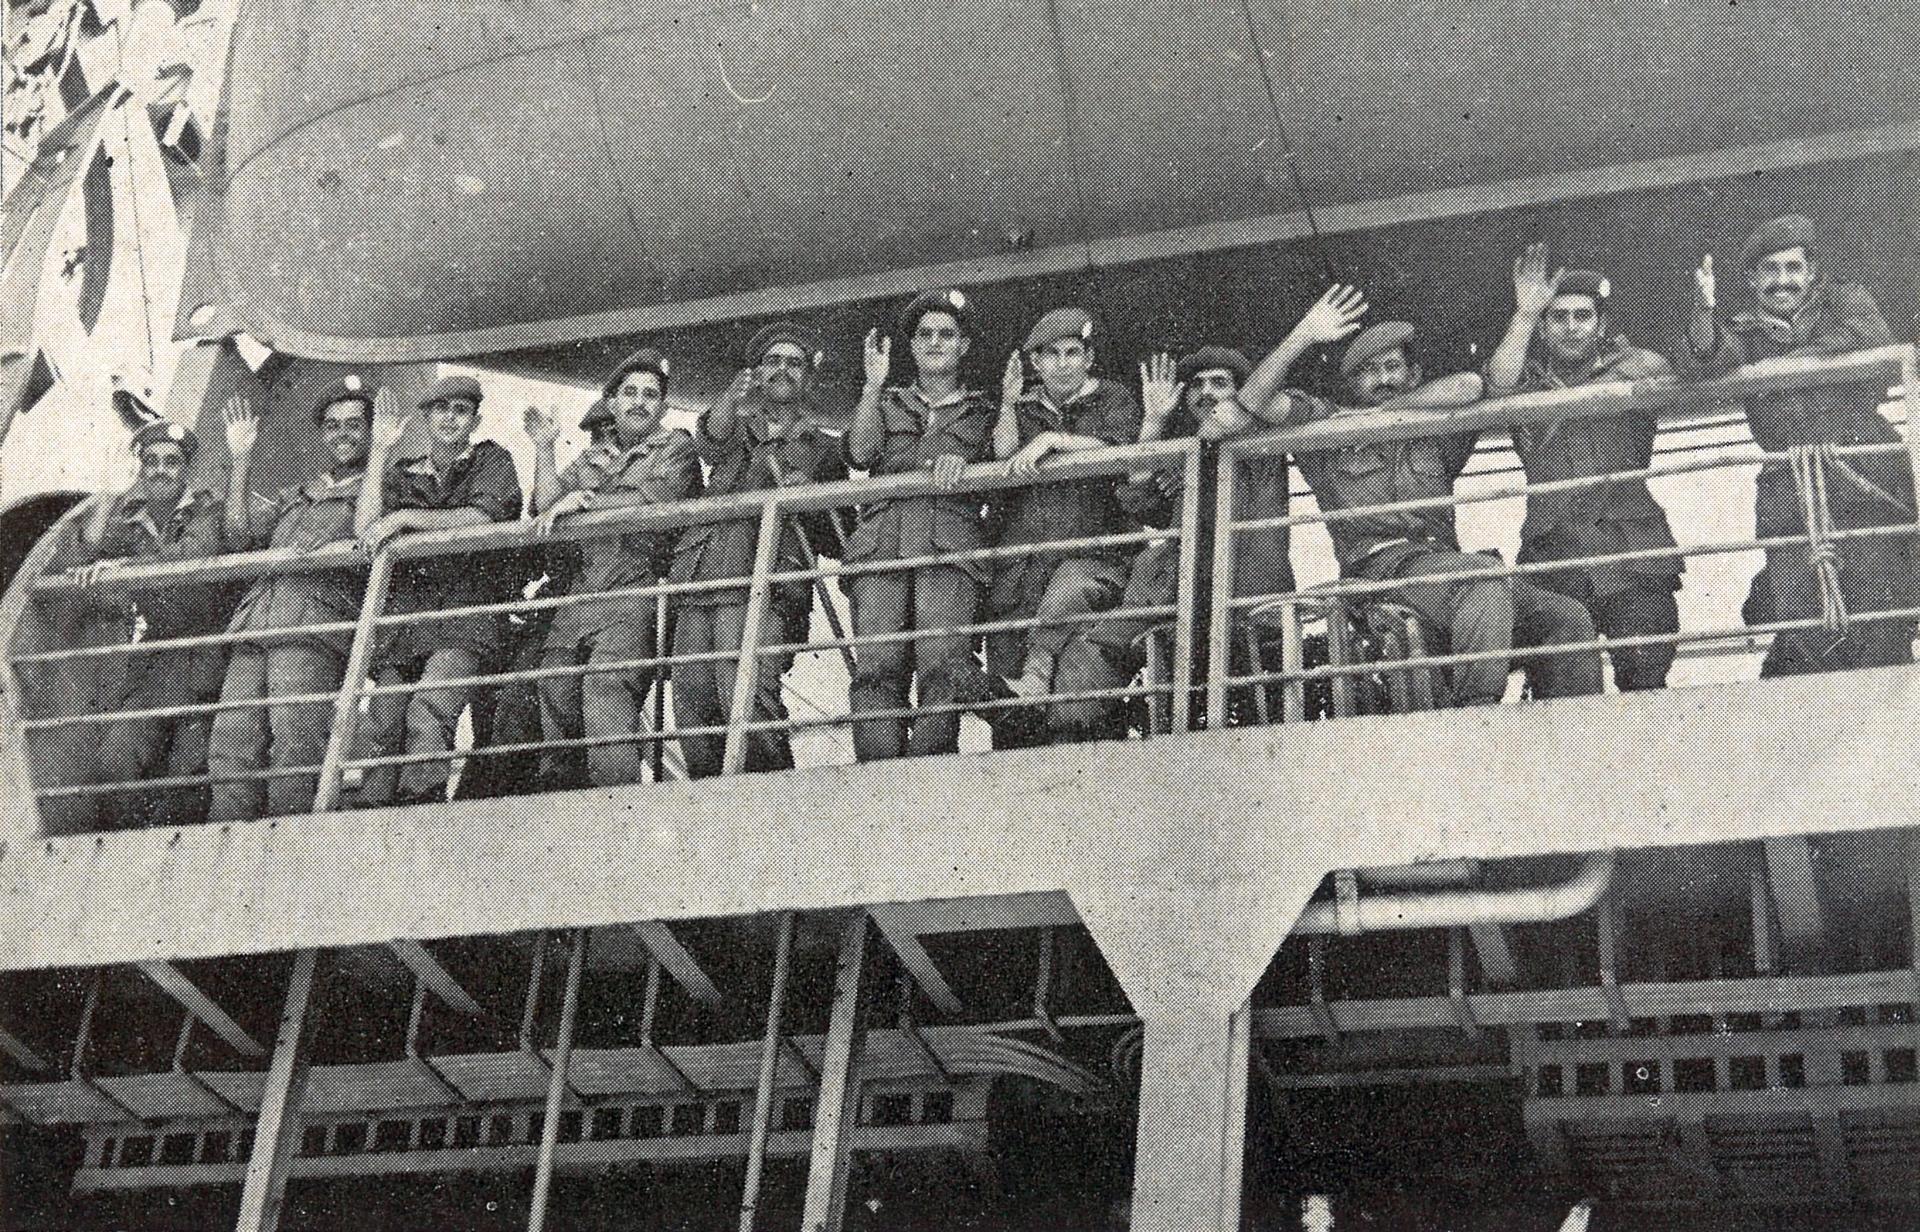 Les Forces Armées Royales au Congo - ONUC - 1960/61 31535620023_169a476f5c_o